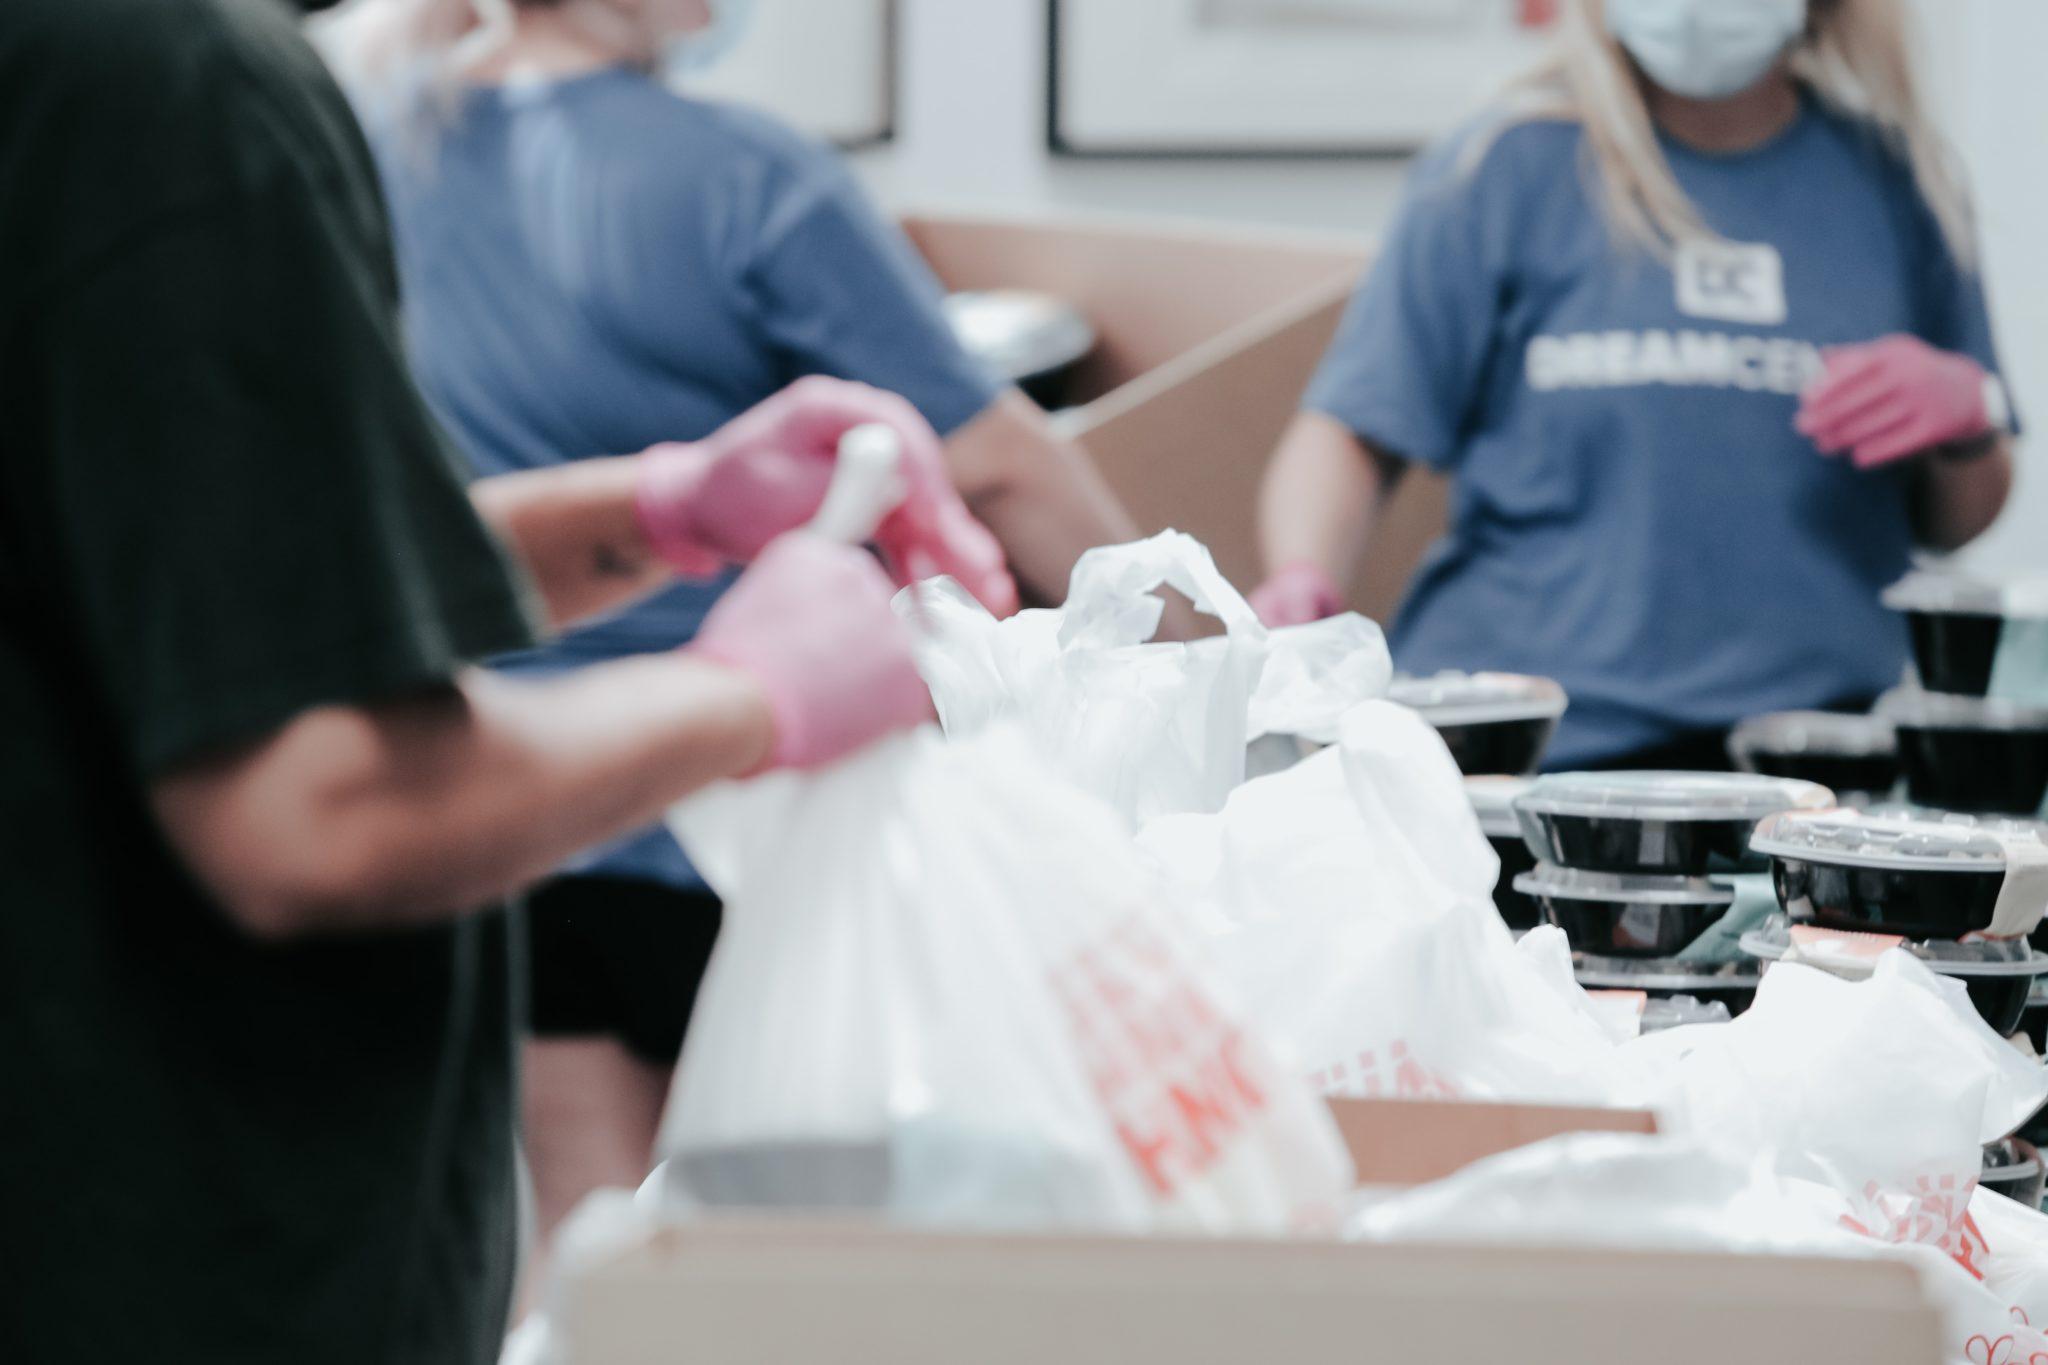 Pictures of volunteers packaging food